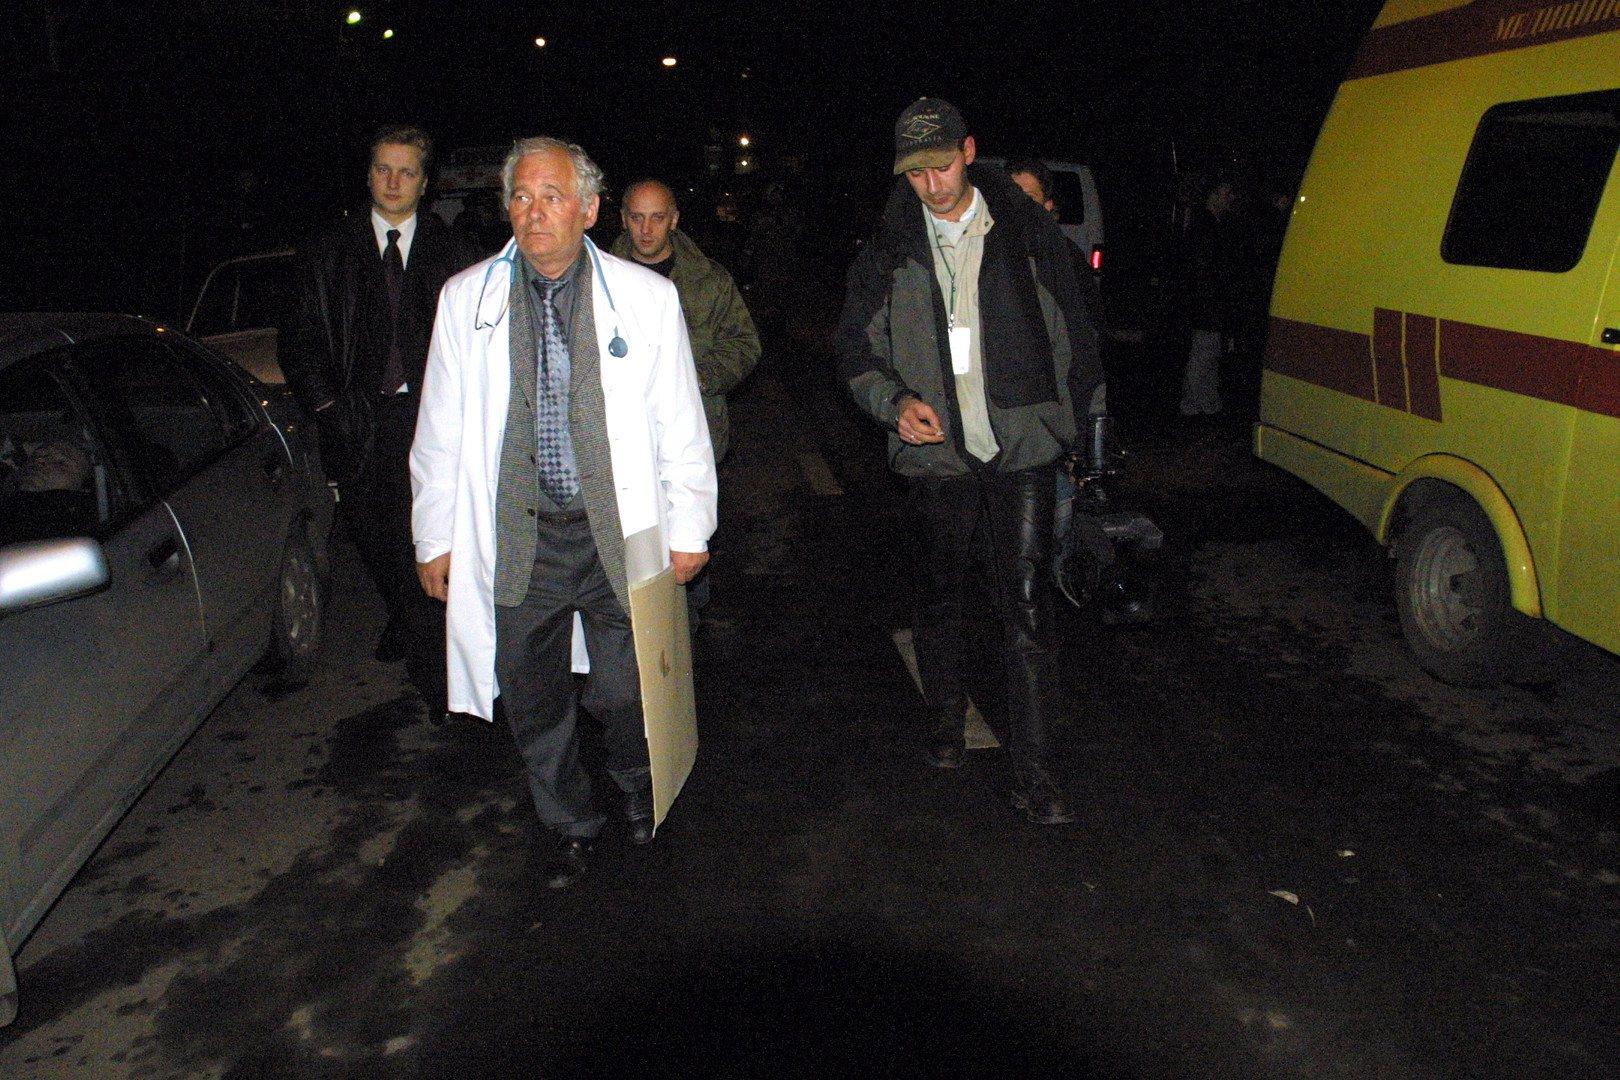 """Группа боевиков захватила в заложники зрителей мюзикла """"Норд-Ост""""..."""